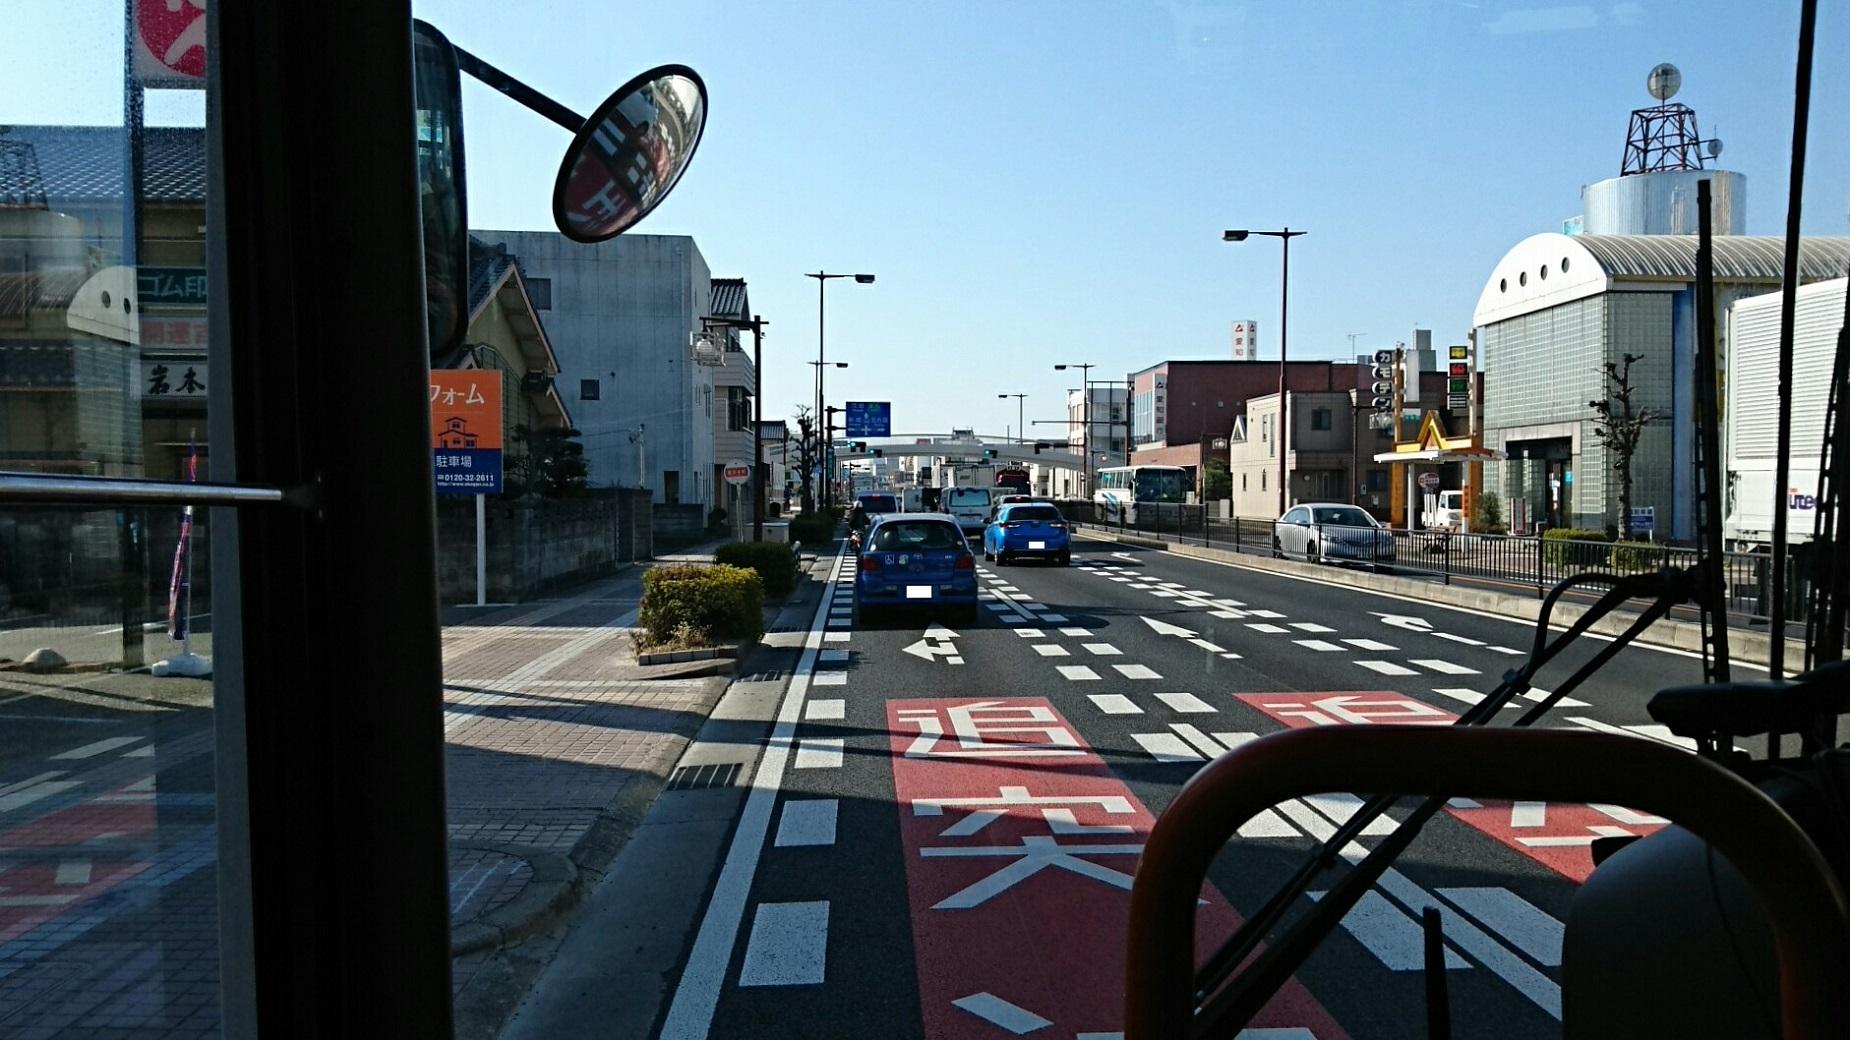 2018.2.27 (33) 中垣内いきバス - 豊田本町バス停 1850-1040